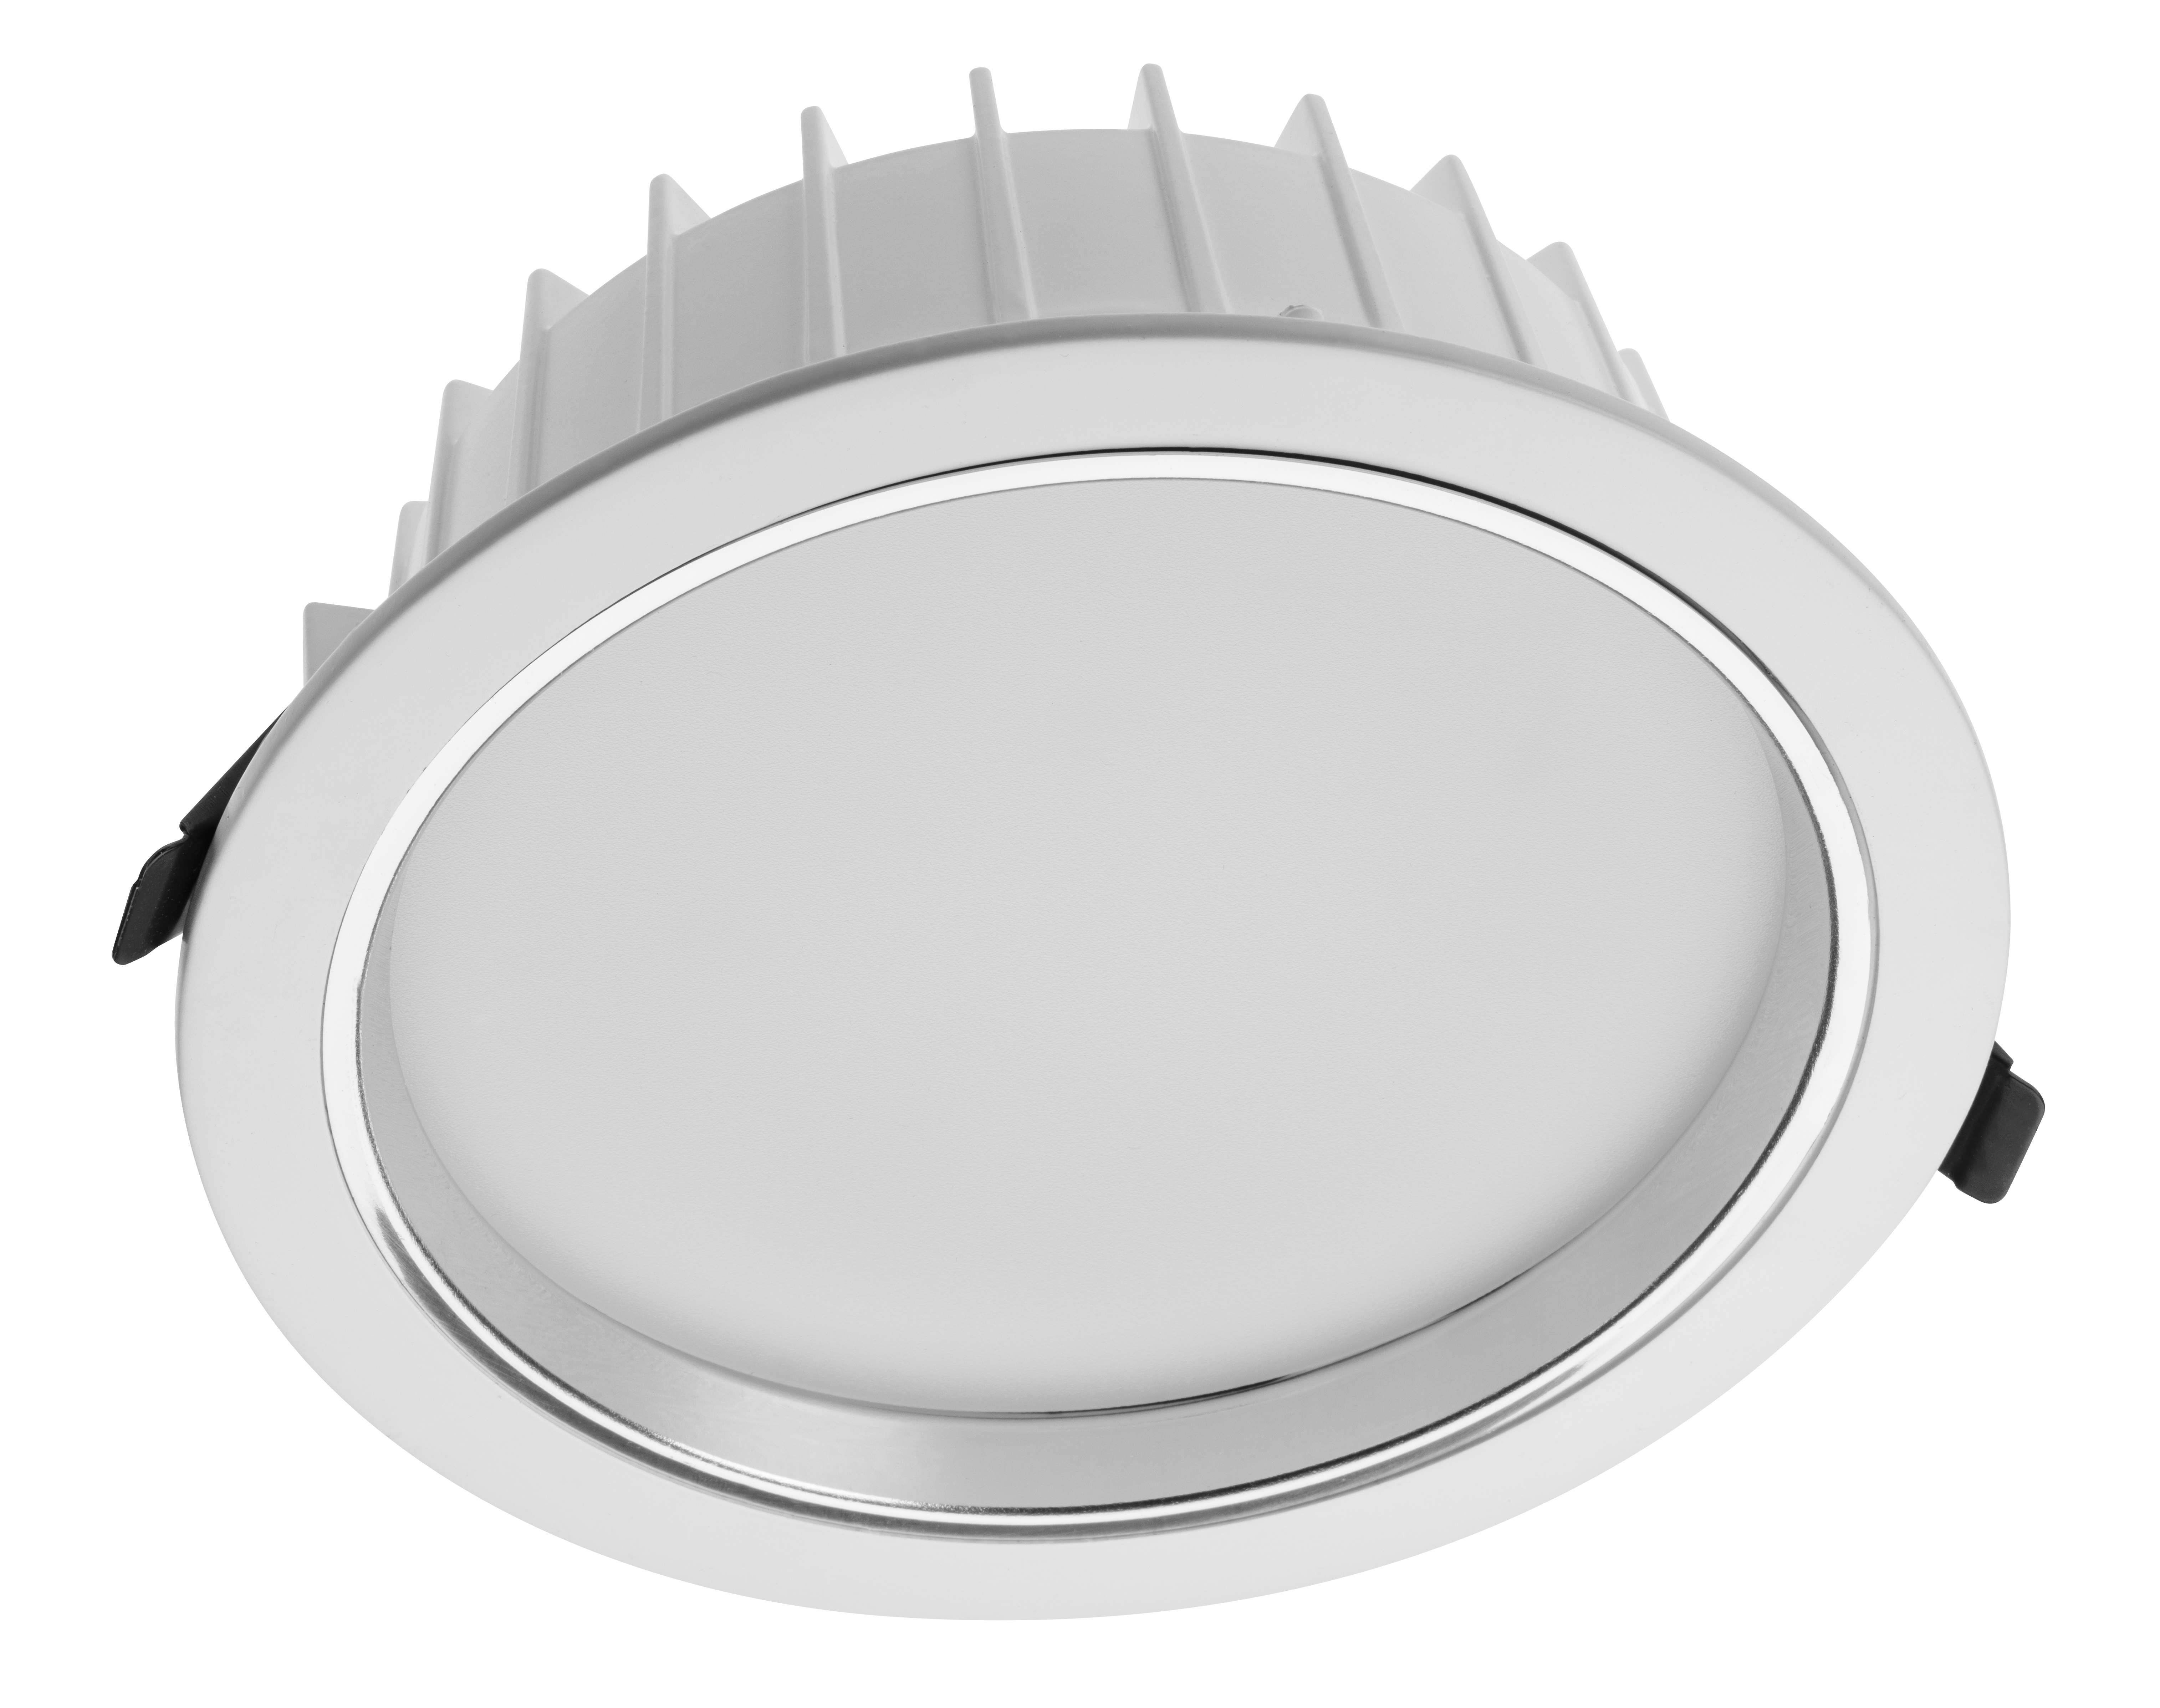 Downlight_Lampa do łazienek_Oprawa SOLERO IP54 6W 420lm GTV, oprawa sufitowa led, lampa, lampa led, lampy ledowe